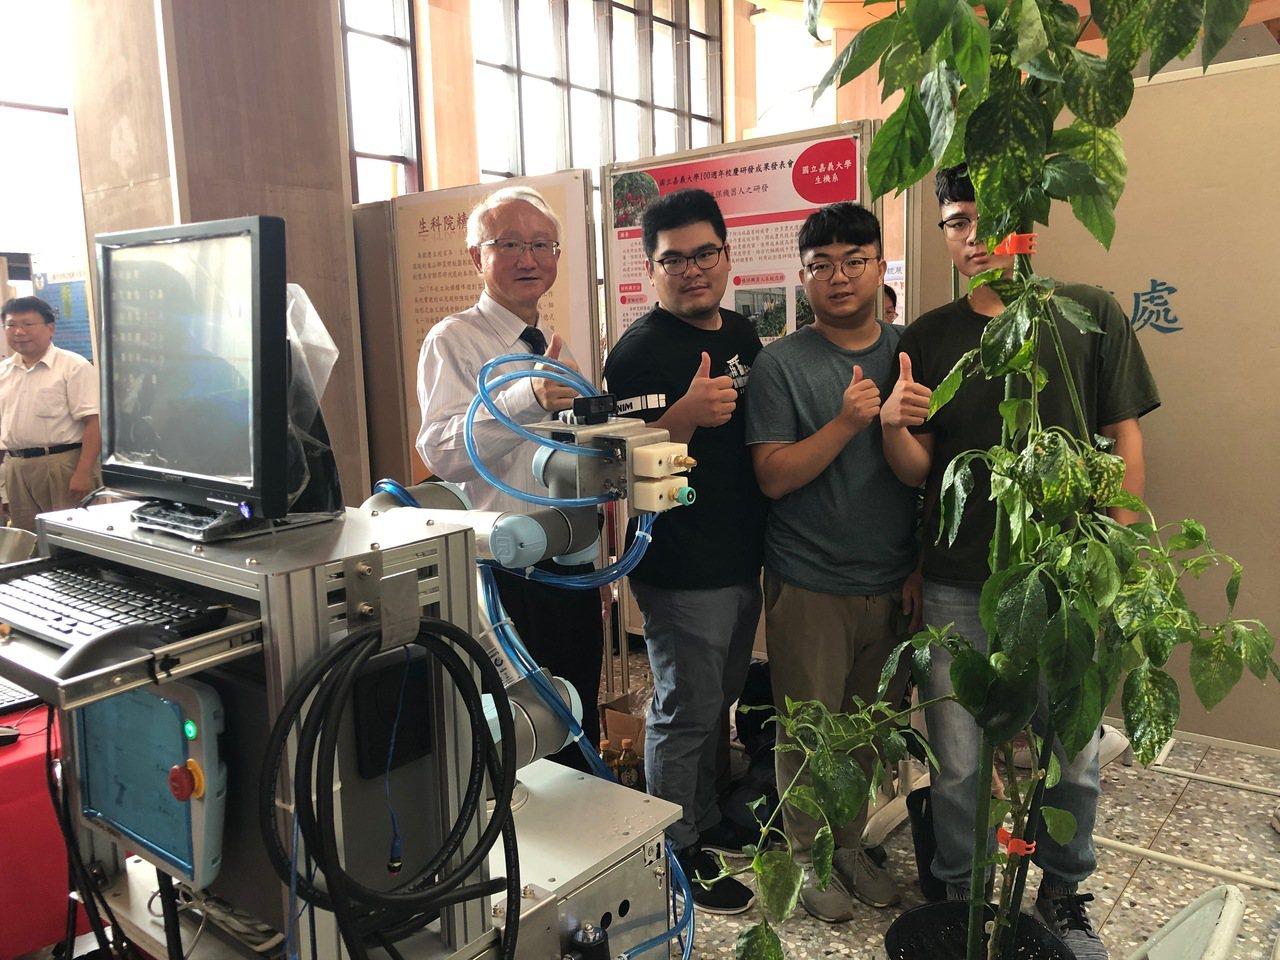 嘉義大學校長艾群(左一)帶領生機系學生,研發出甜椒栽培植保機器人。記者李承穎/攝...